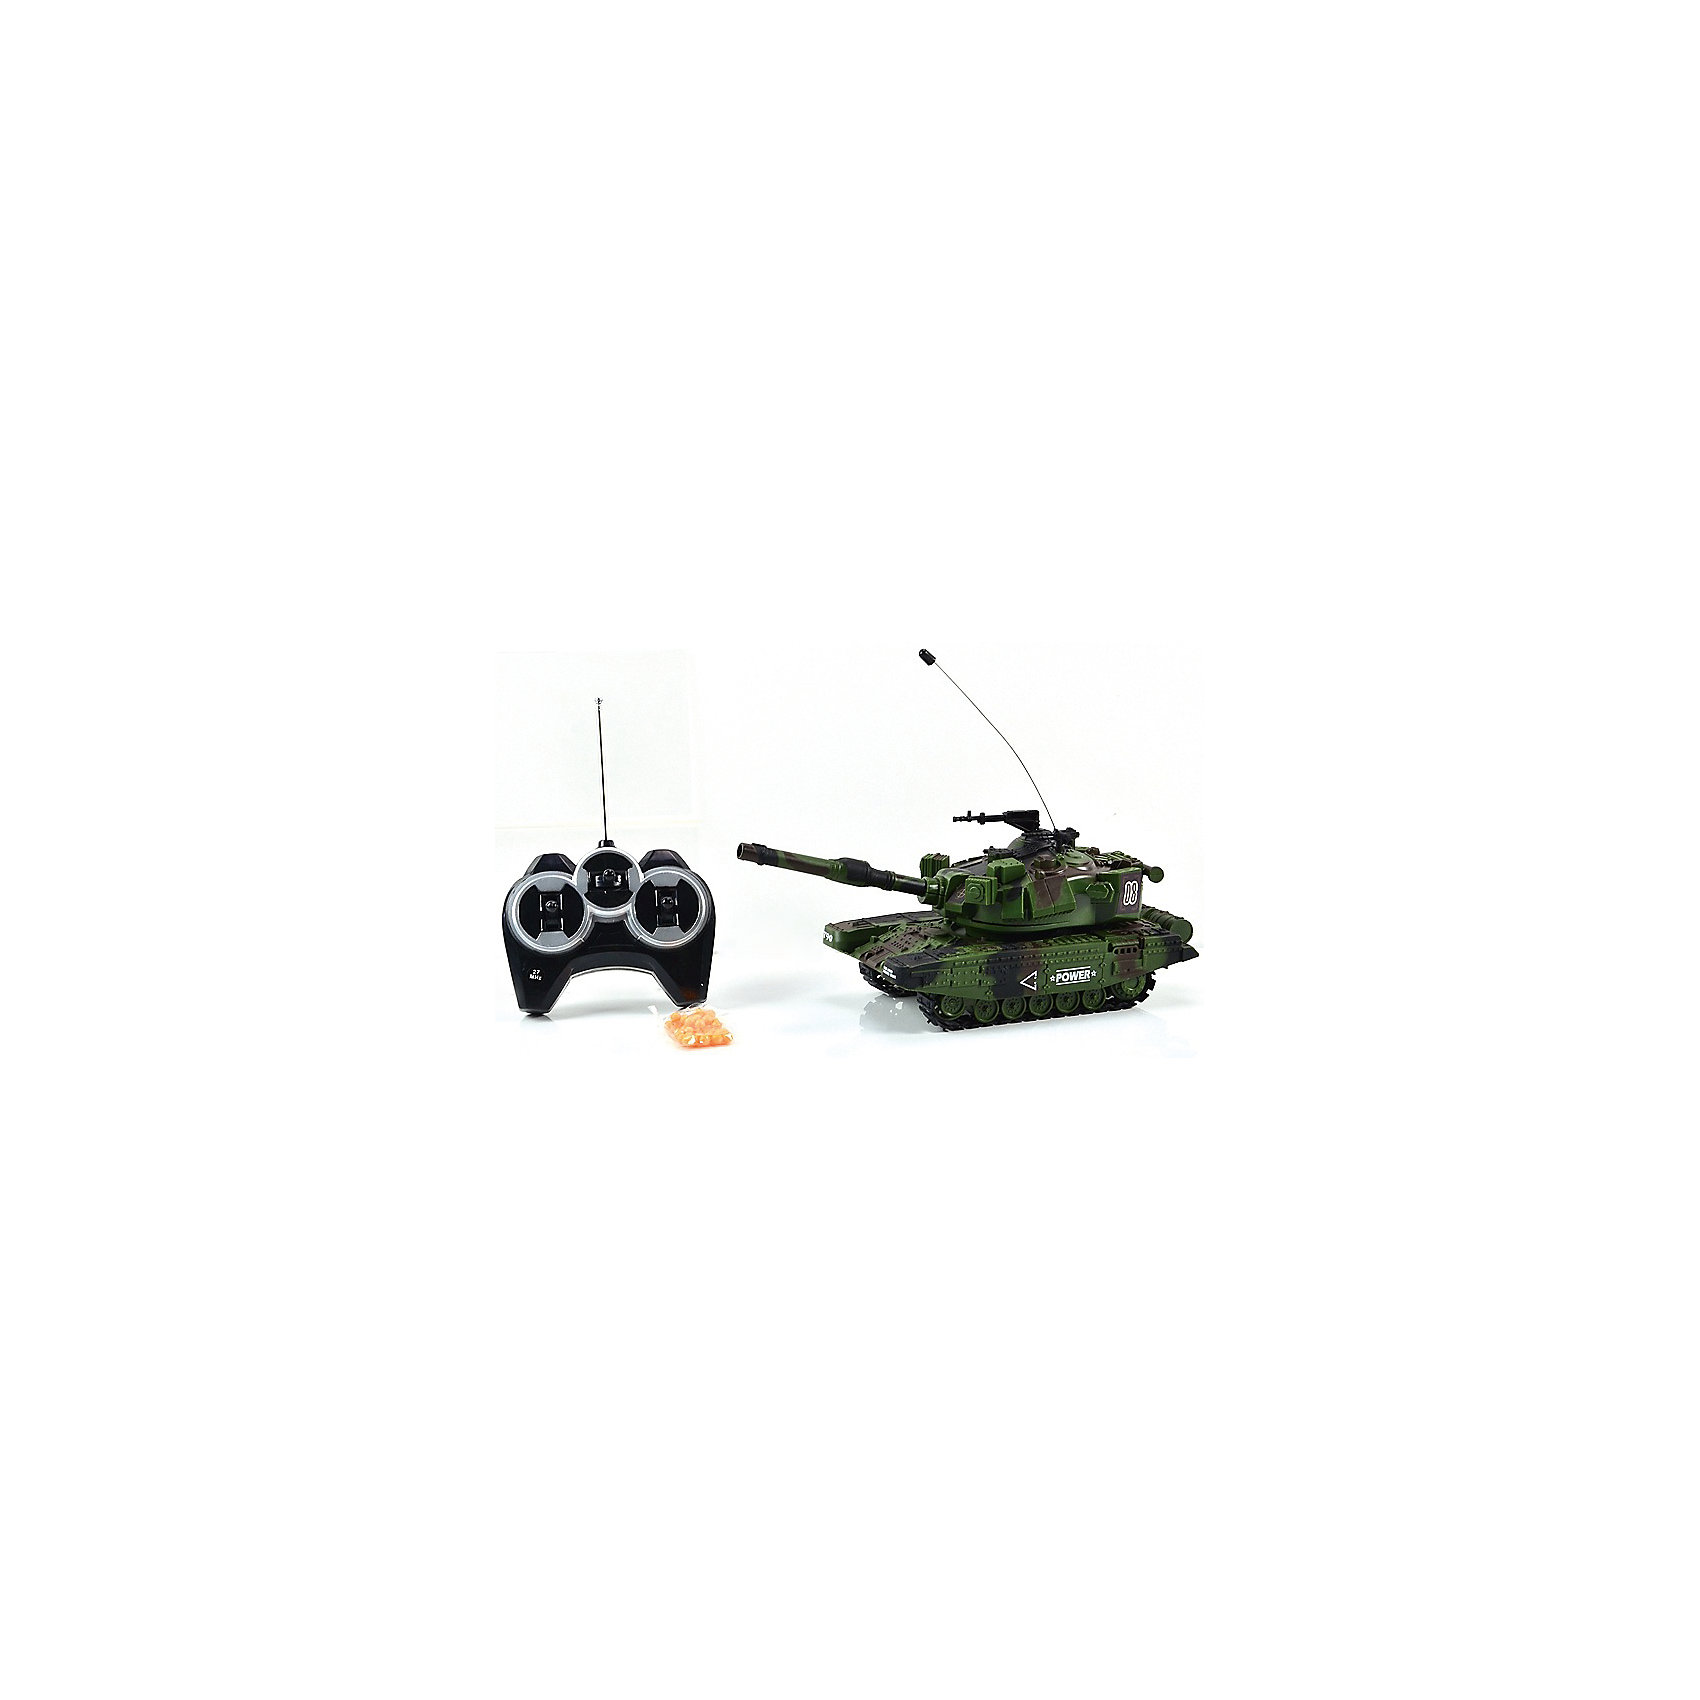 Танк МТ-90, стреляет пульками, со звуком, на радиоуправлении, Mioshi ArmyТанк МТ-90 на радиоуправлении, Mioshi Army, порадует всех юных любителей военной техники. Игрушка является уменьшенной точной копией настоящего танка с тщательной проработкой всех деталей. Танк управляется с помощью пульта радиоуправления, может двигаться во всех направлениях, поворачивать башню на 360 градусов, пушка поднимается и опускается. Танк стреляет пластиковыми шариками на большое расстояние, при этом каждый выстрел сопровождается реалистичным звуком. Во время передвижения слышен характерный звук движущегося танка, имеются световые эффекты. Питание осуществляется от аккумулятора (входит в комплекте поставки вместе с зарядным устройством). Игрушка выполнена из качественного и прочного материала, упакована в яркую подарочную коробку. Высокое качество и надежность обеспечивают танку Mioshi Army долгий срок эксплуатации.<br><br>Дополнительная информация:<br><br>- В комплекте: танк, пульт дистанционного управления, зарядное устройство, аккумуляторная батарея, шарики 6 мм., инструкция. <br>- Требуются батарейки: 6 х AA.<br>- Материал: пластик.<br>- Размер танка: 27 см.<br>- Размер: 38 х 15 х 14 см.<br>- Вес: 0,6 кг.<br><br>Танк МТ-90, стреляет пульками, со звуком, на радиоуправлении, Mioshi Army, можно купить в нашем интернет-магазине.<br><br>Ширина мм: 380<br>Глубина мм: 140<br>Высота мм: 150<br>Вес г: 600<br>Возраст от месяцев: 36<br>Возраст до месяцев: 72<br>Пол: Мужской<br>Возраст: Детский<br>SKU: 4540563